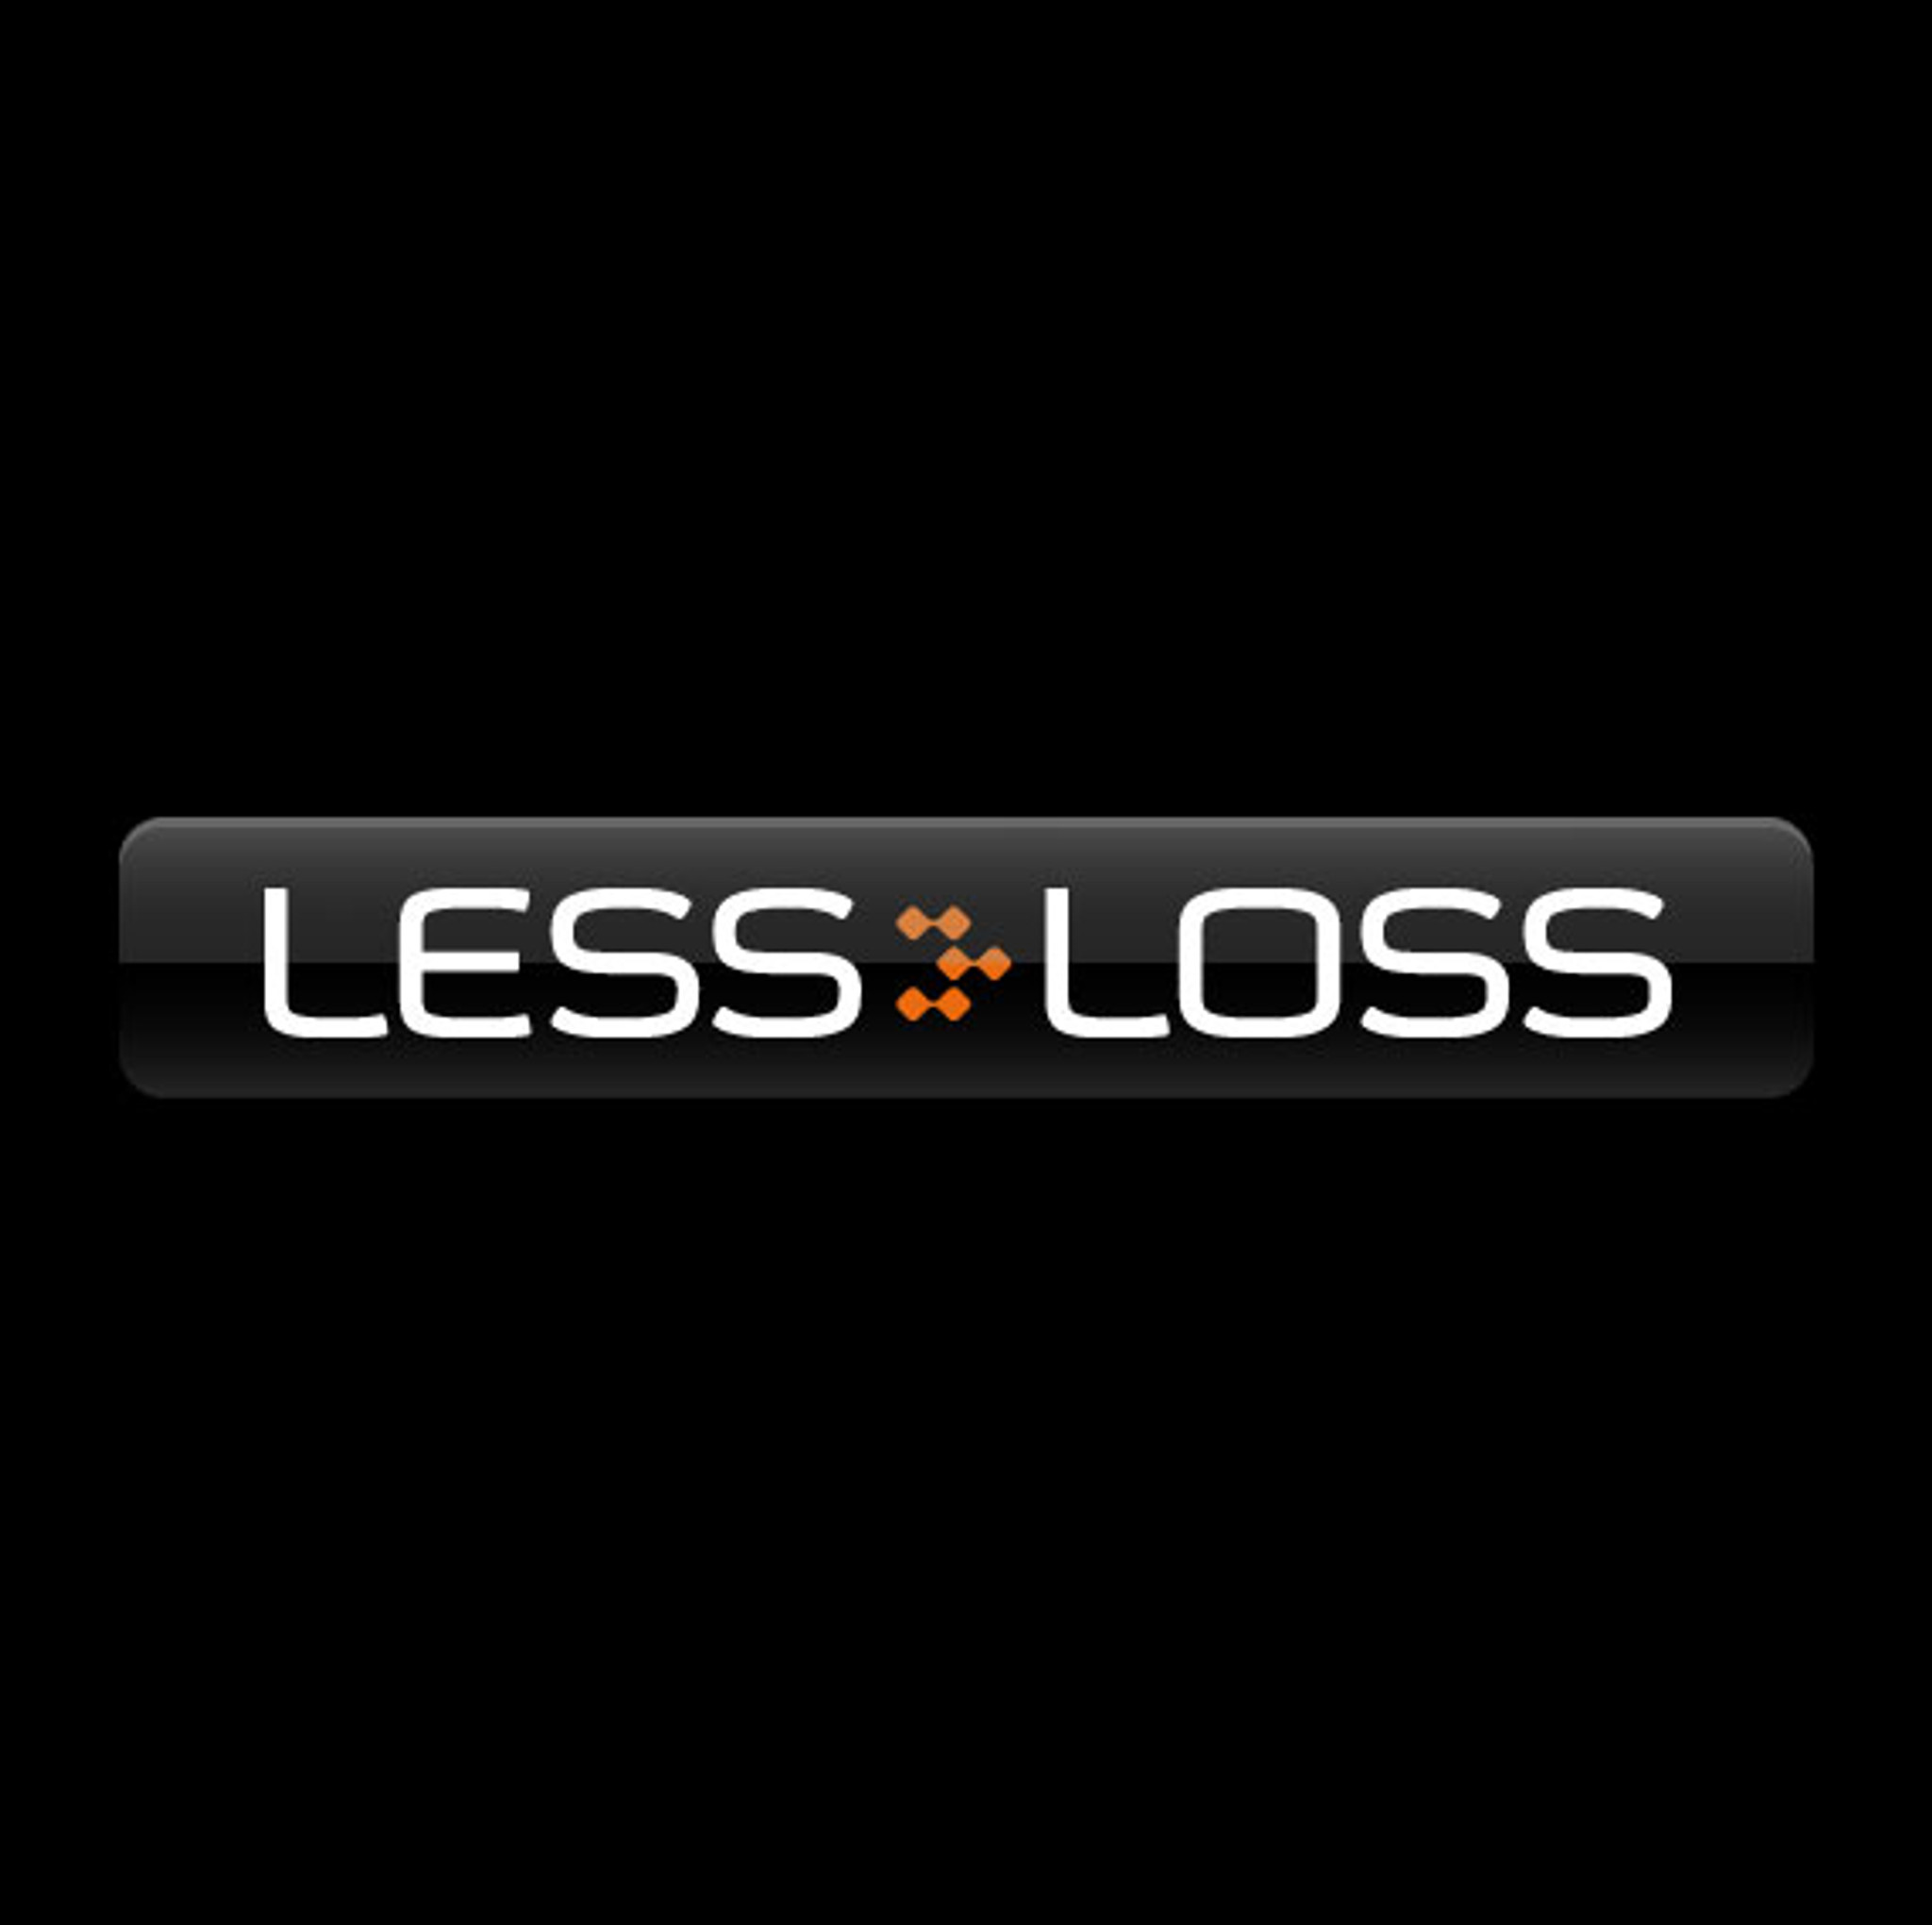 LessLoss